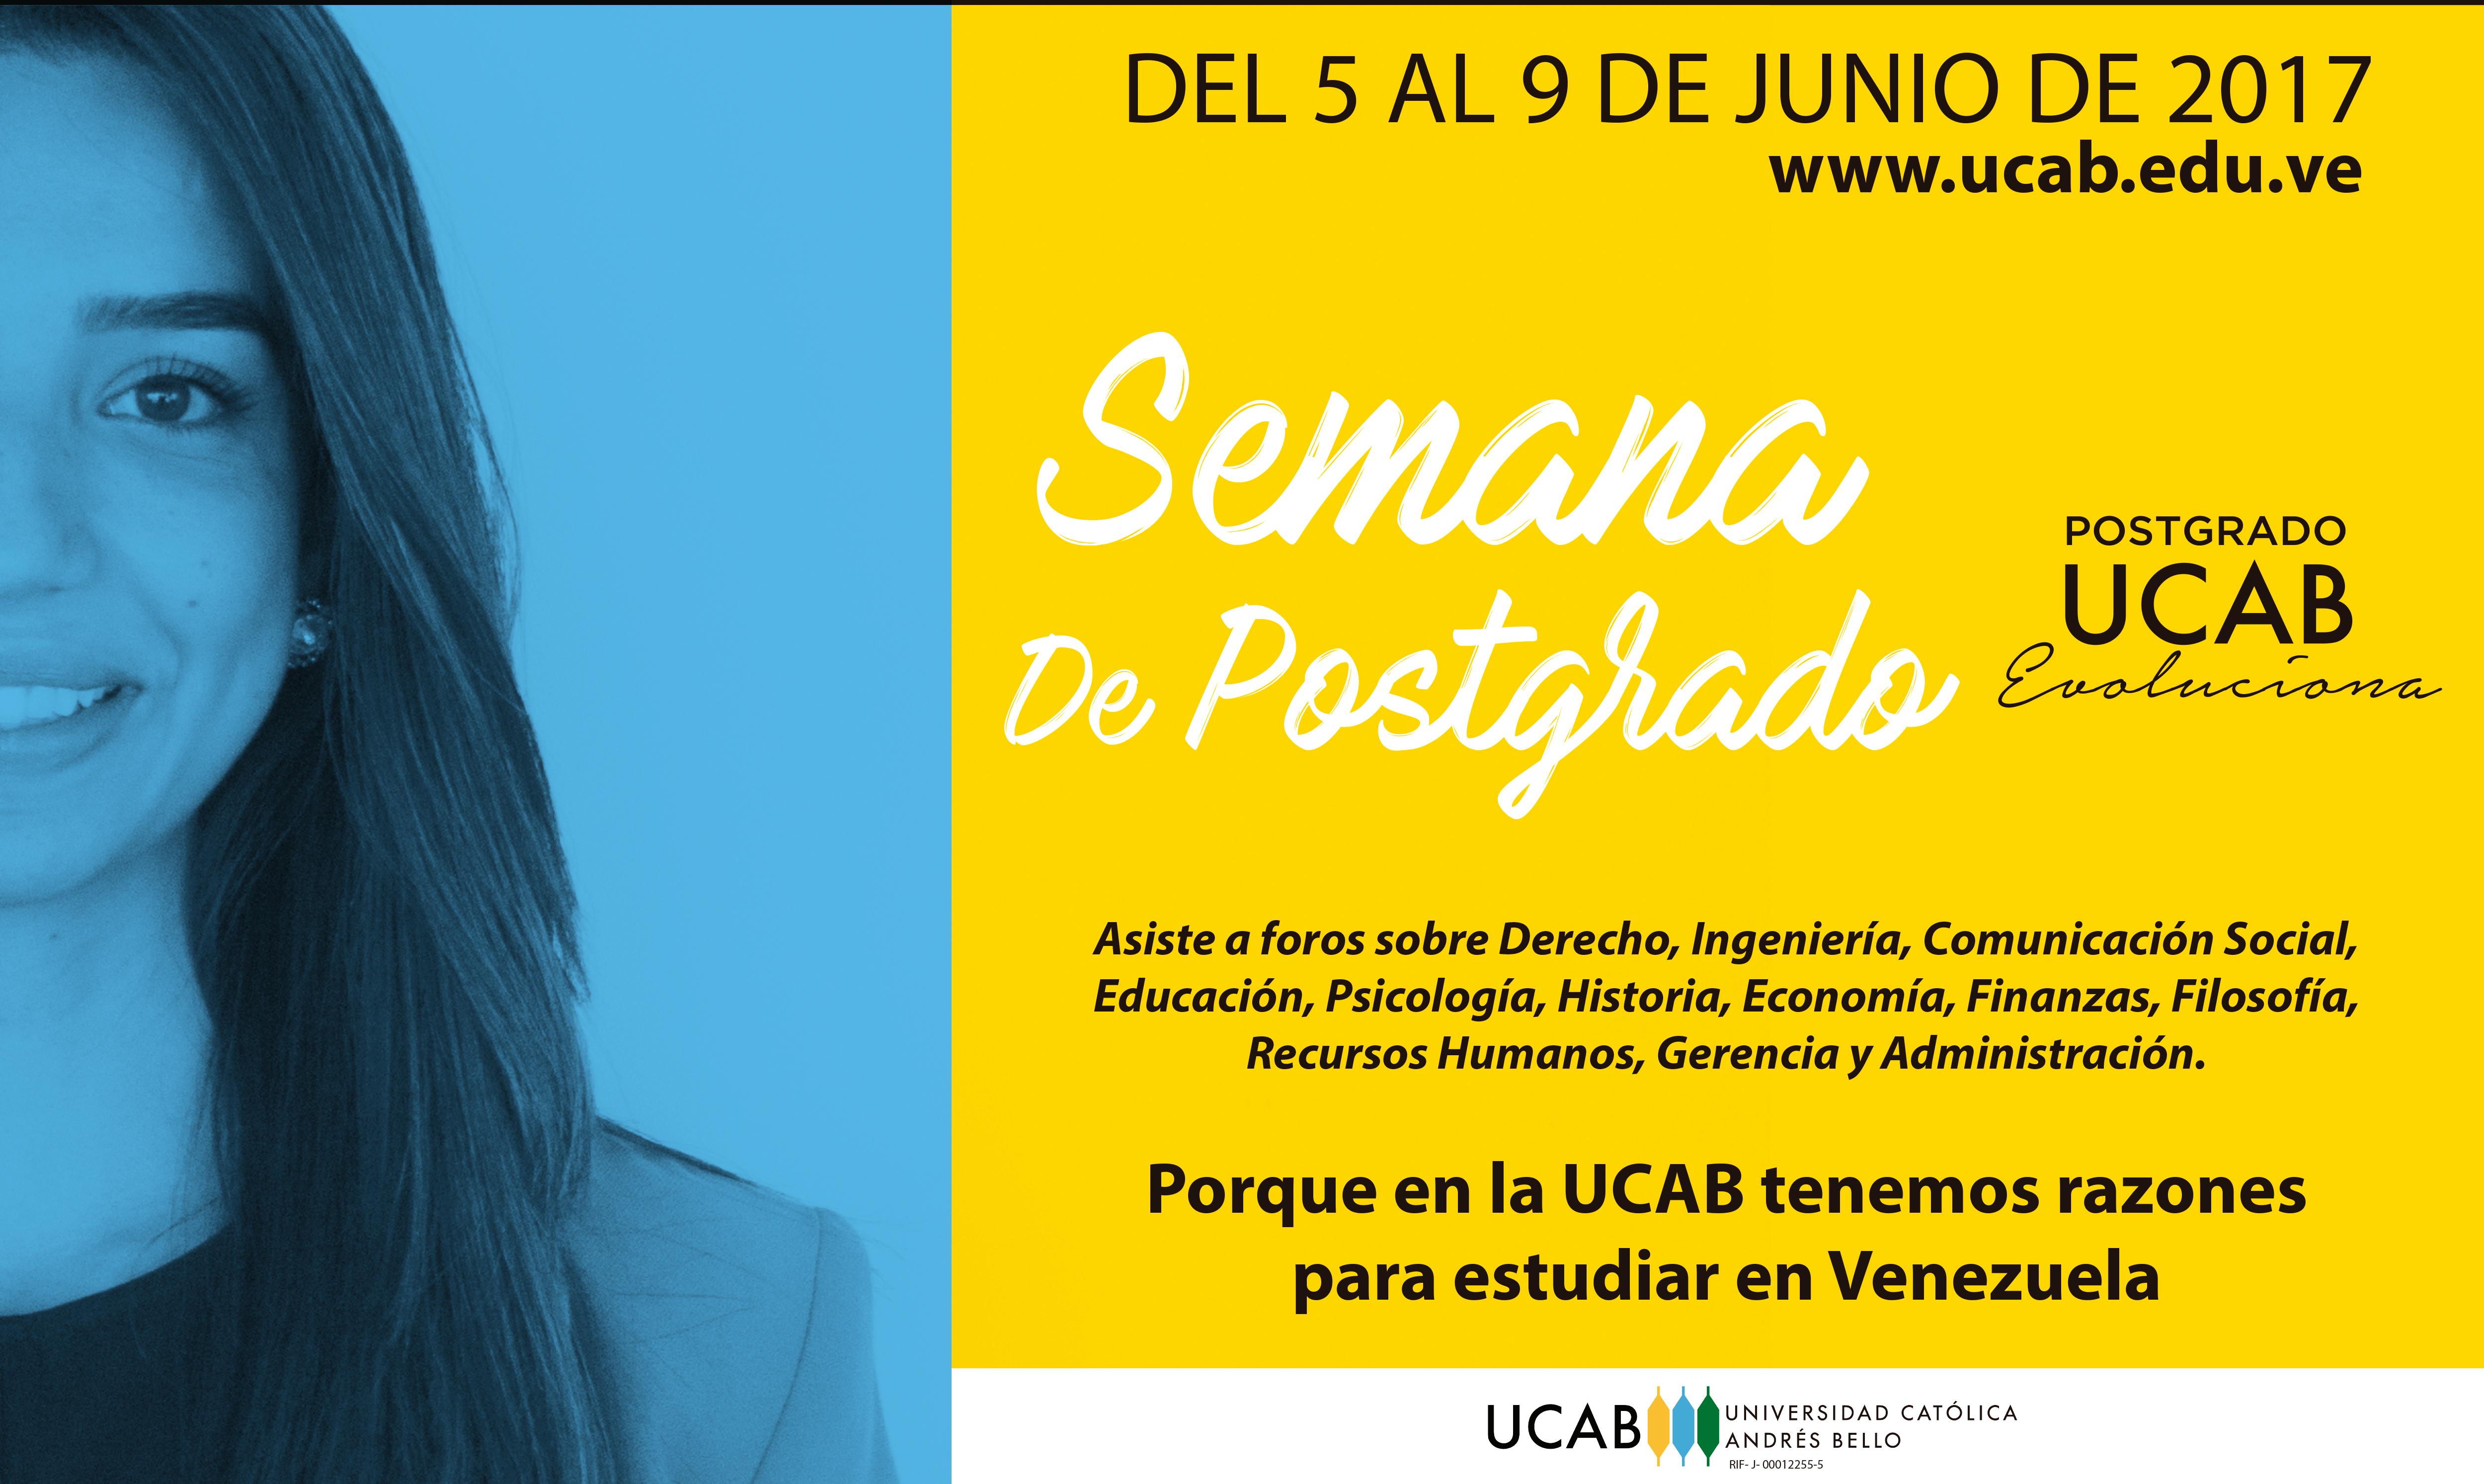 Semana de Postgrado UCAB debatirá realidad del país